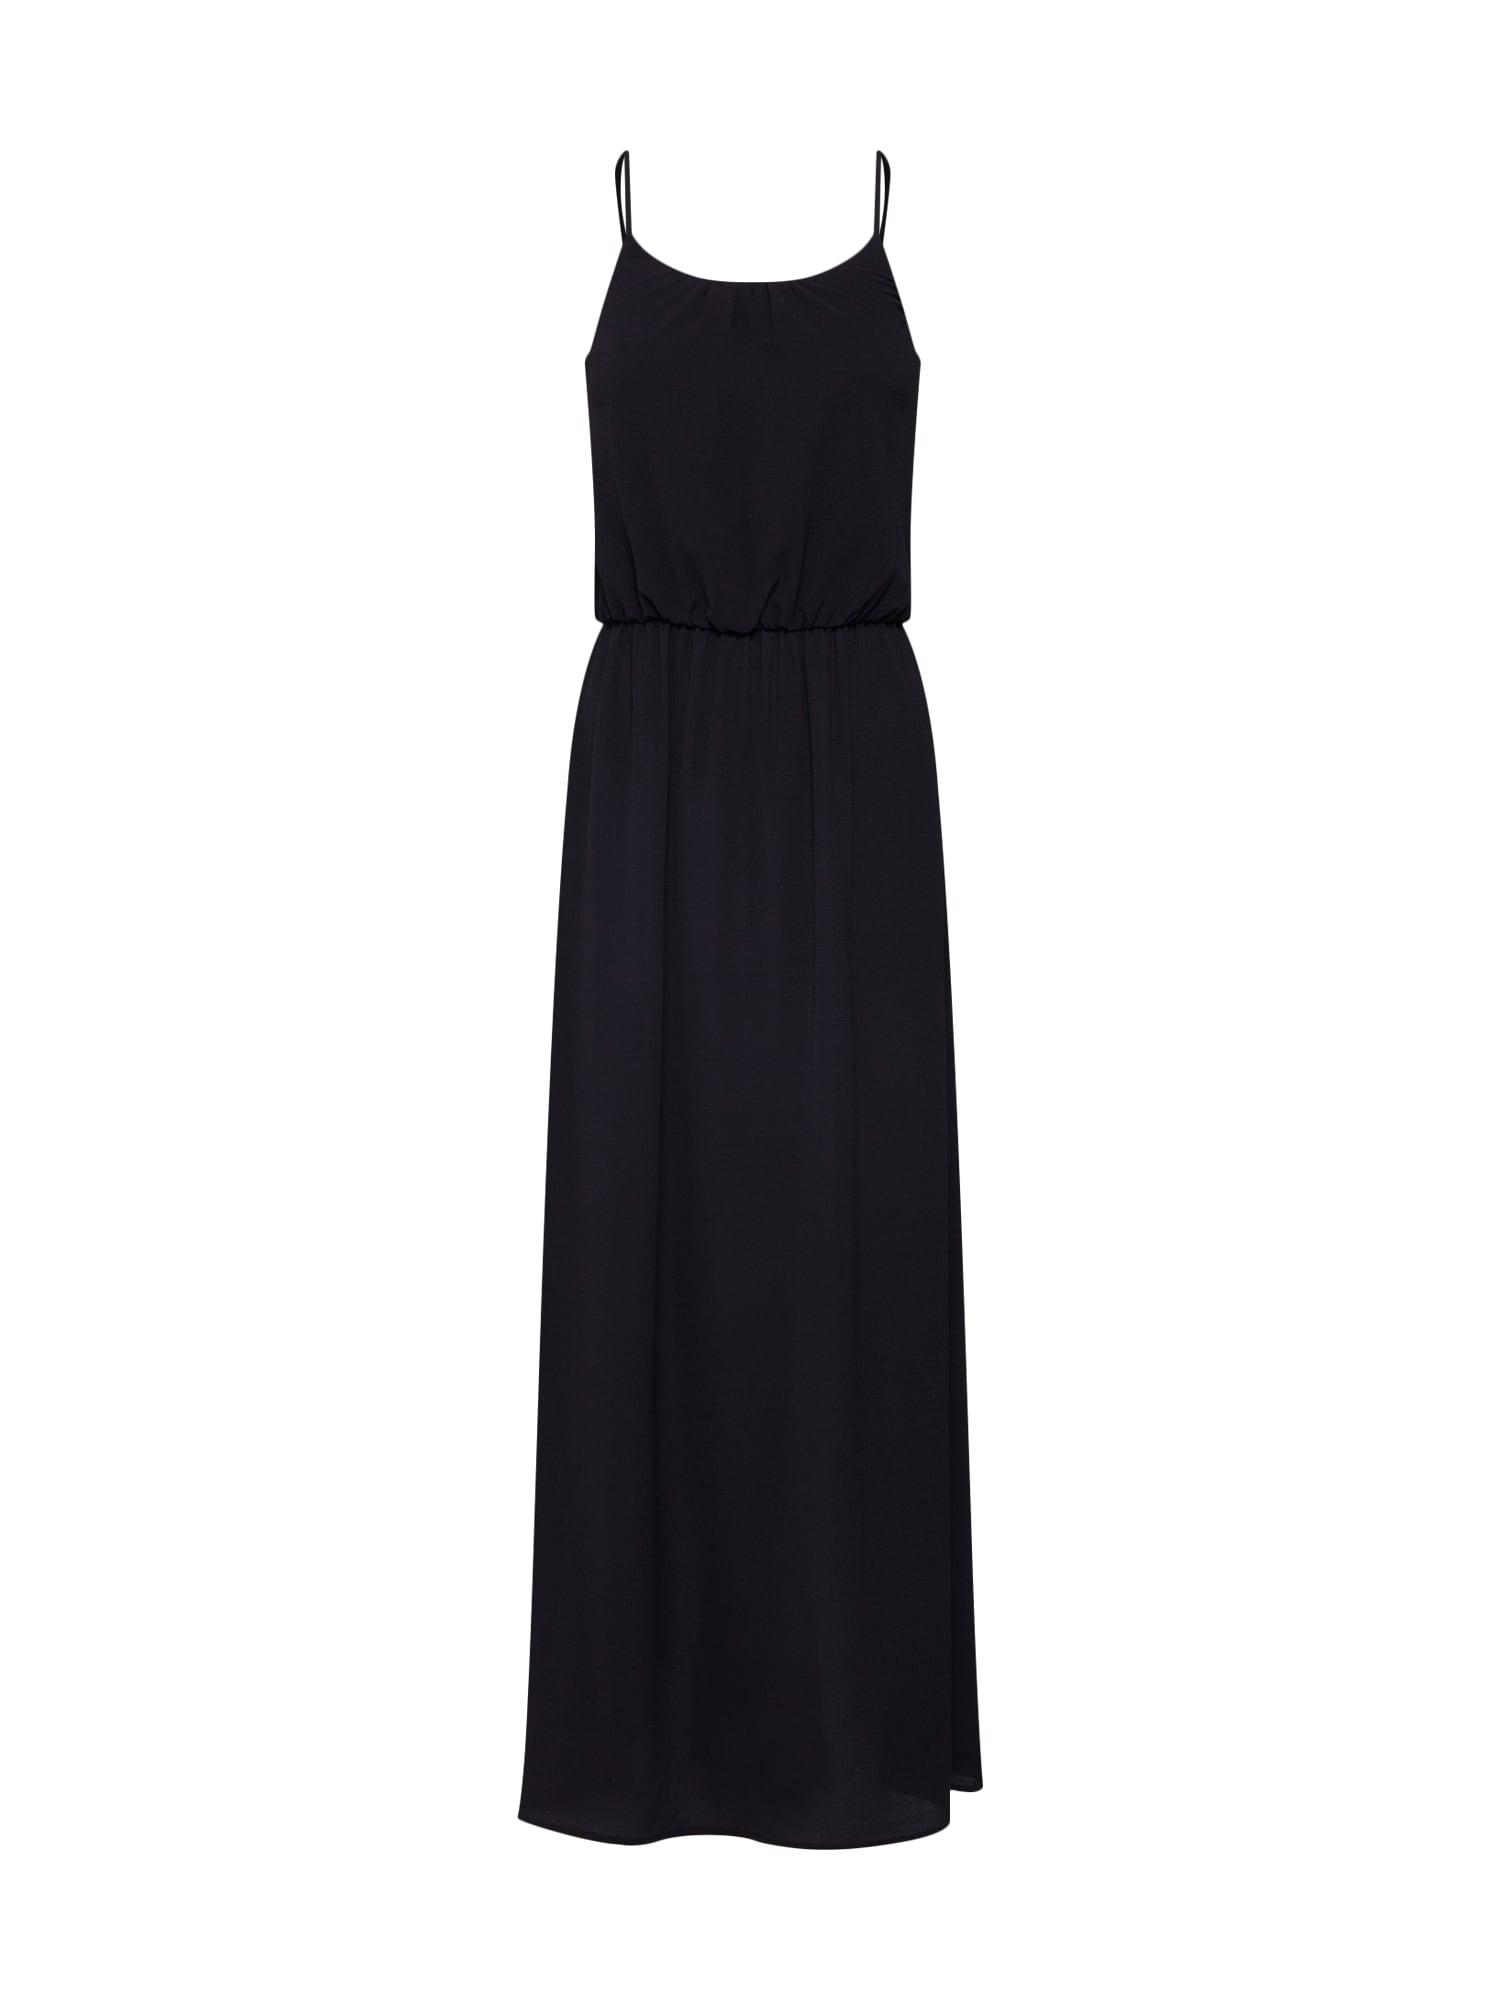 Letní šaty onlWINNER SL WVN černá ONLY